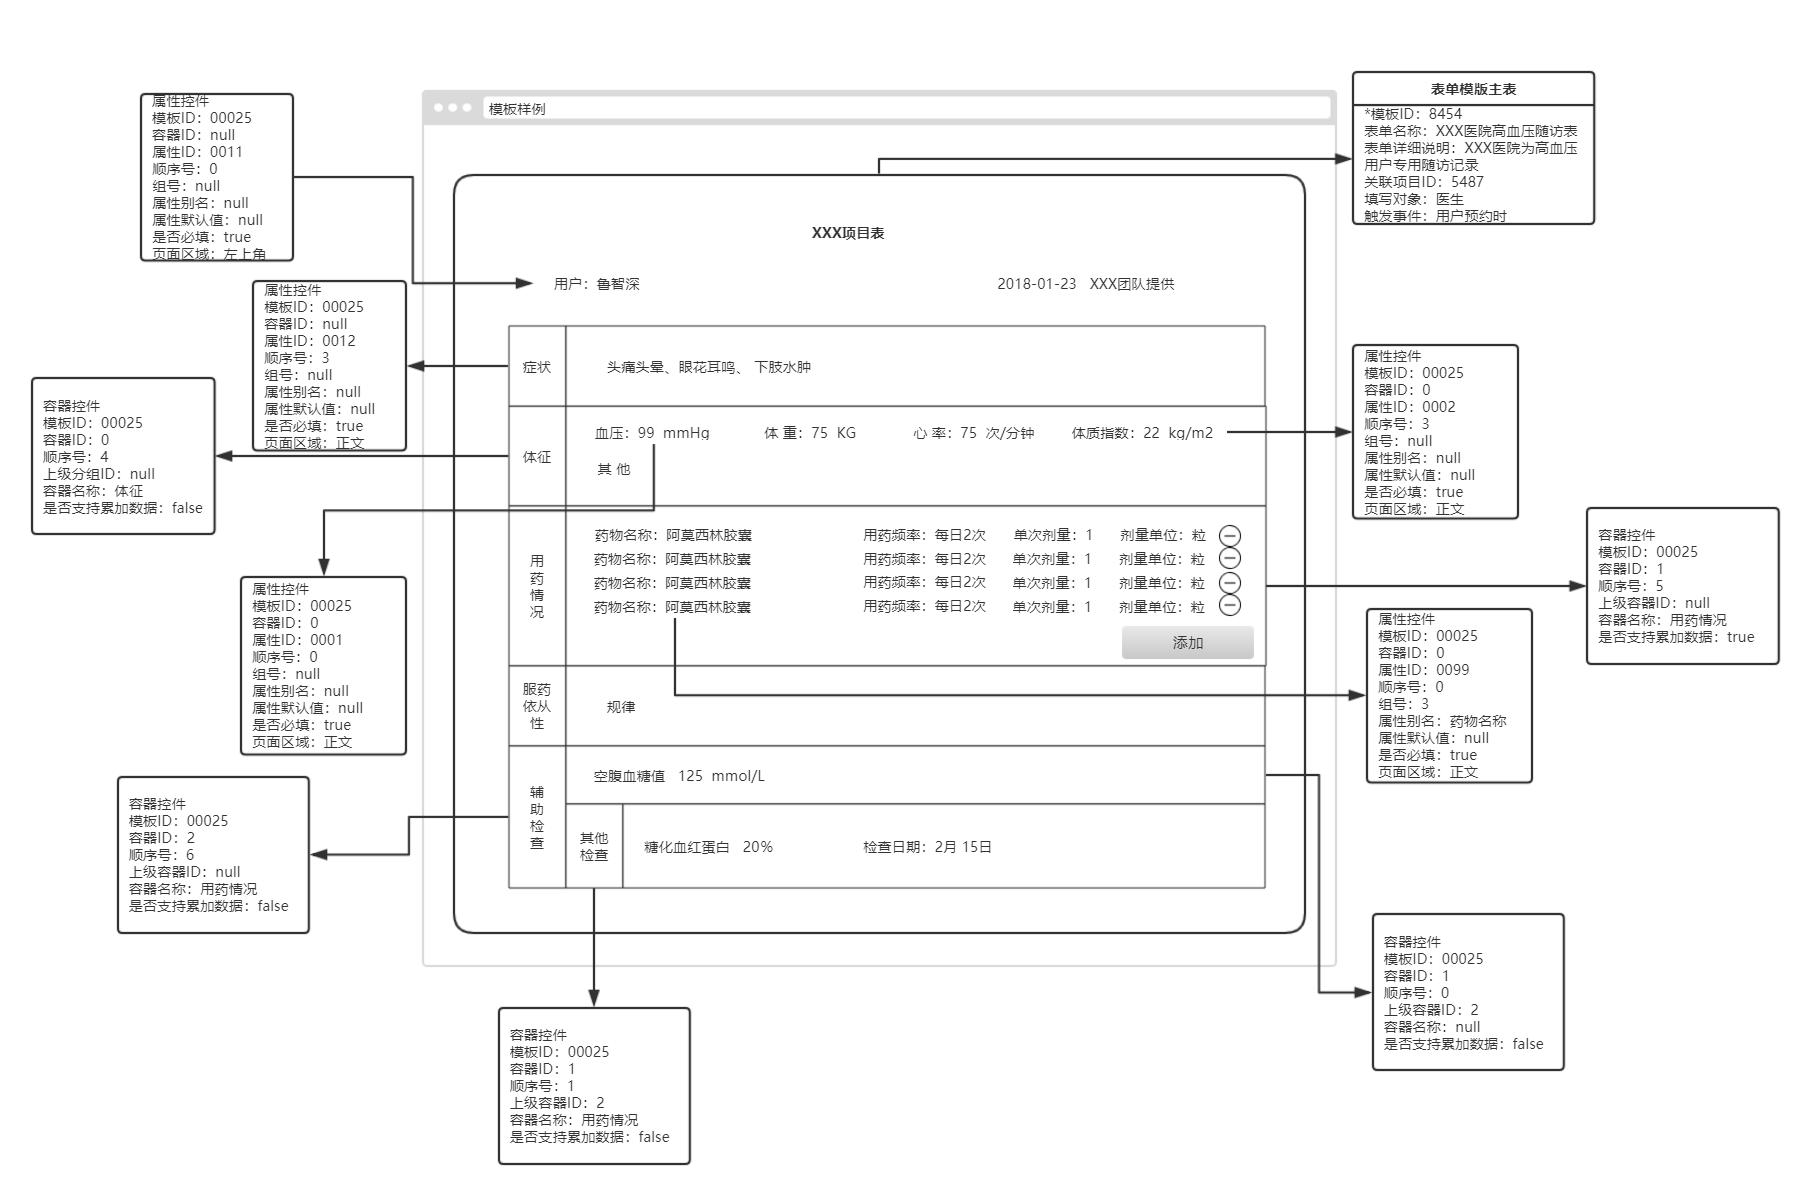 碎片数据收集利器-结构化动态表单设计思路